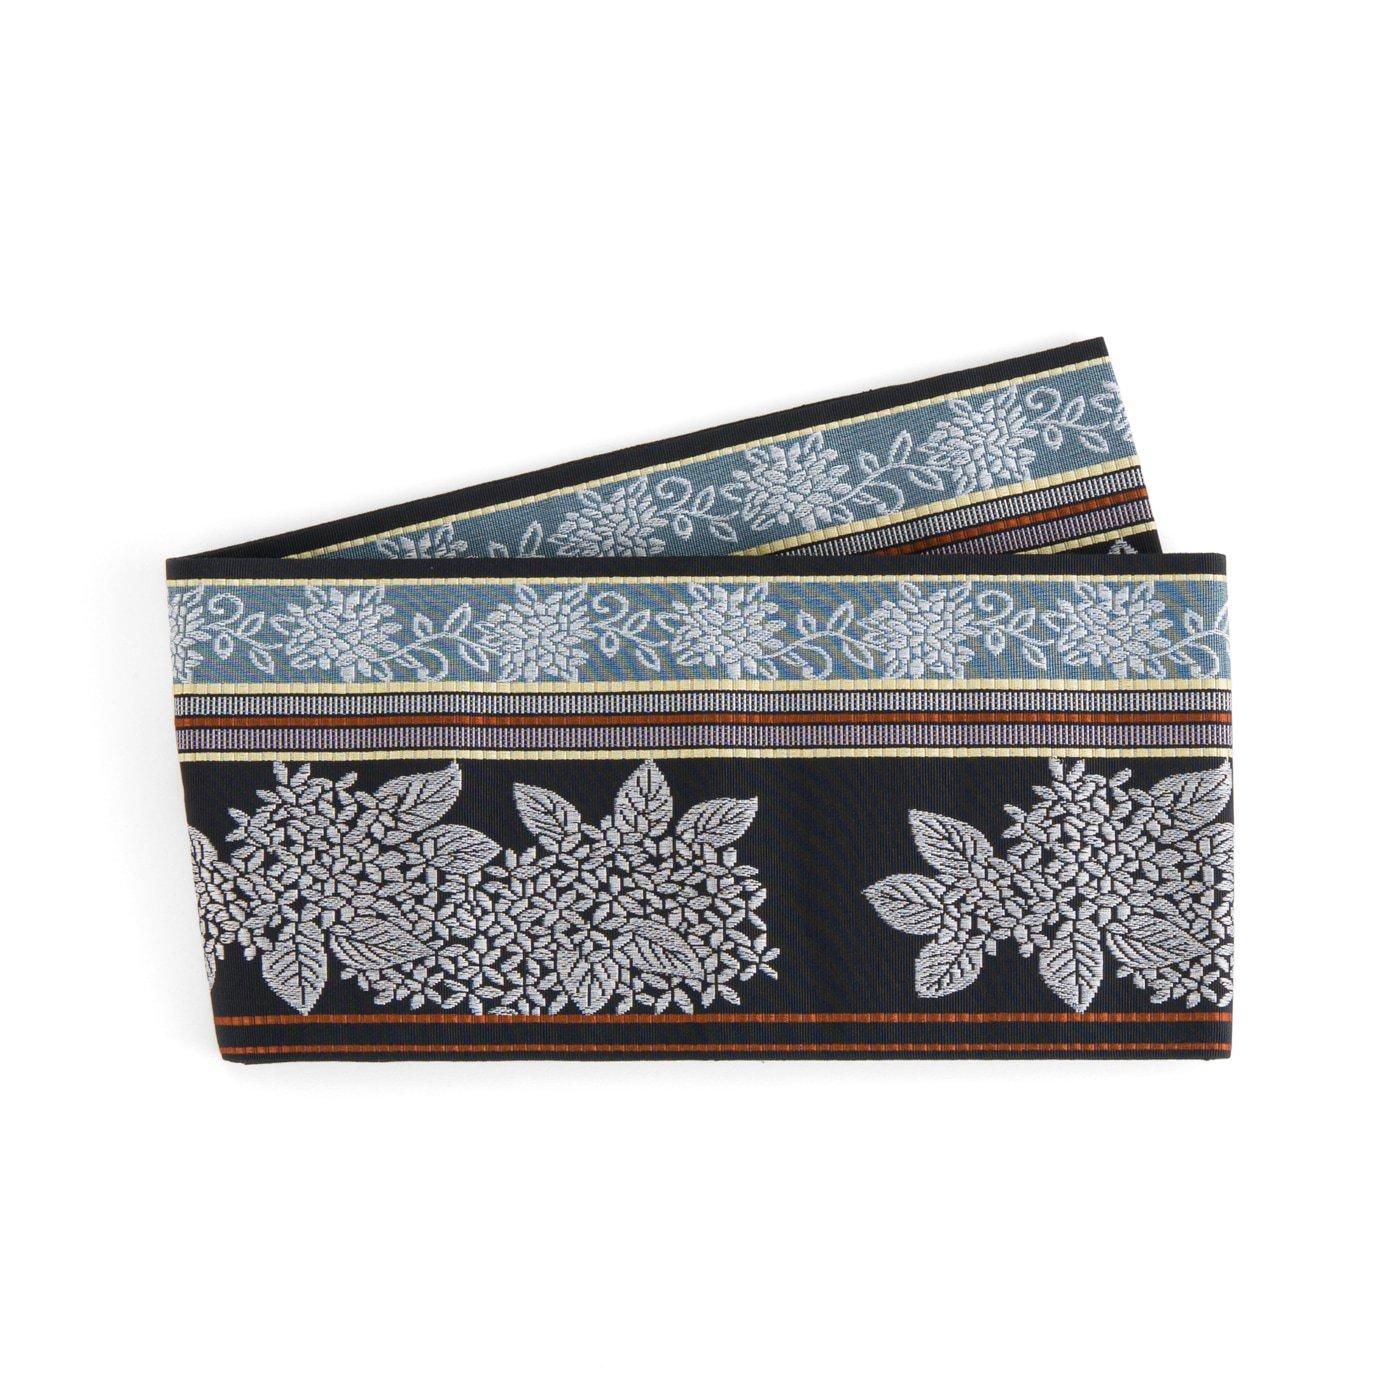 「博多小袋帯 紫陽花」の商品画像